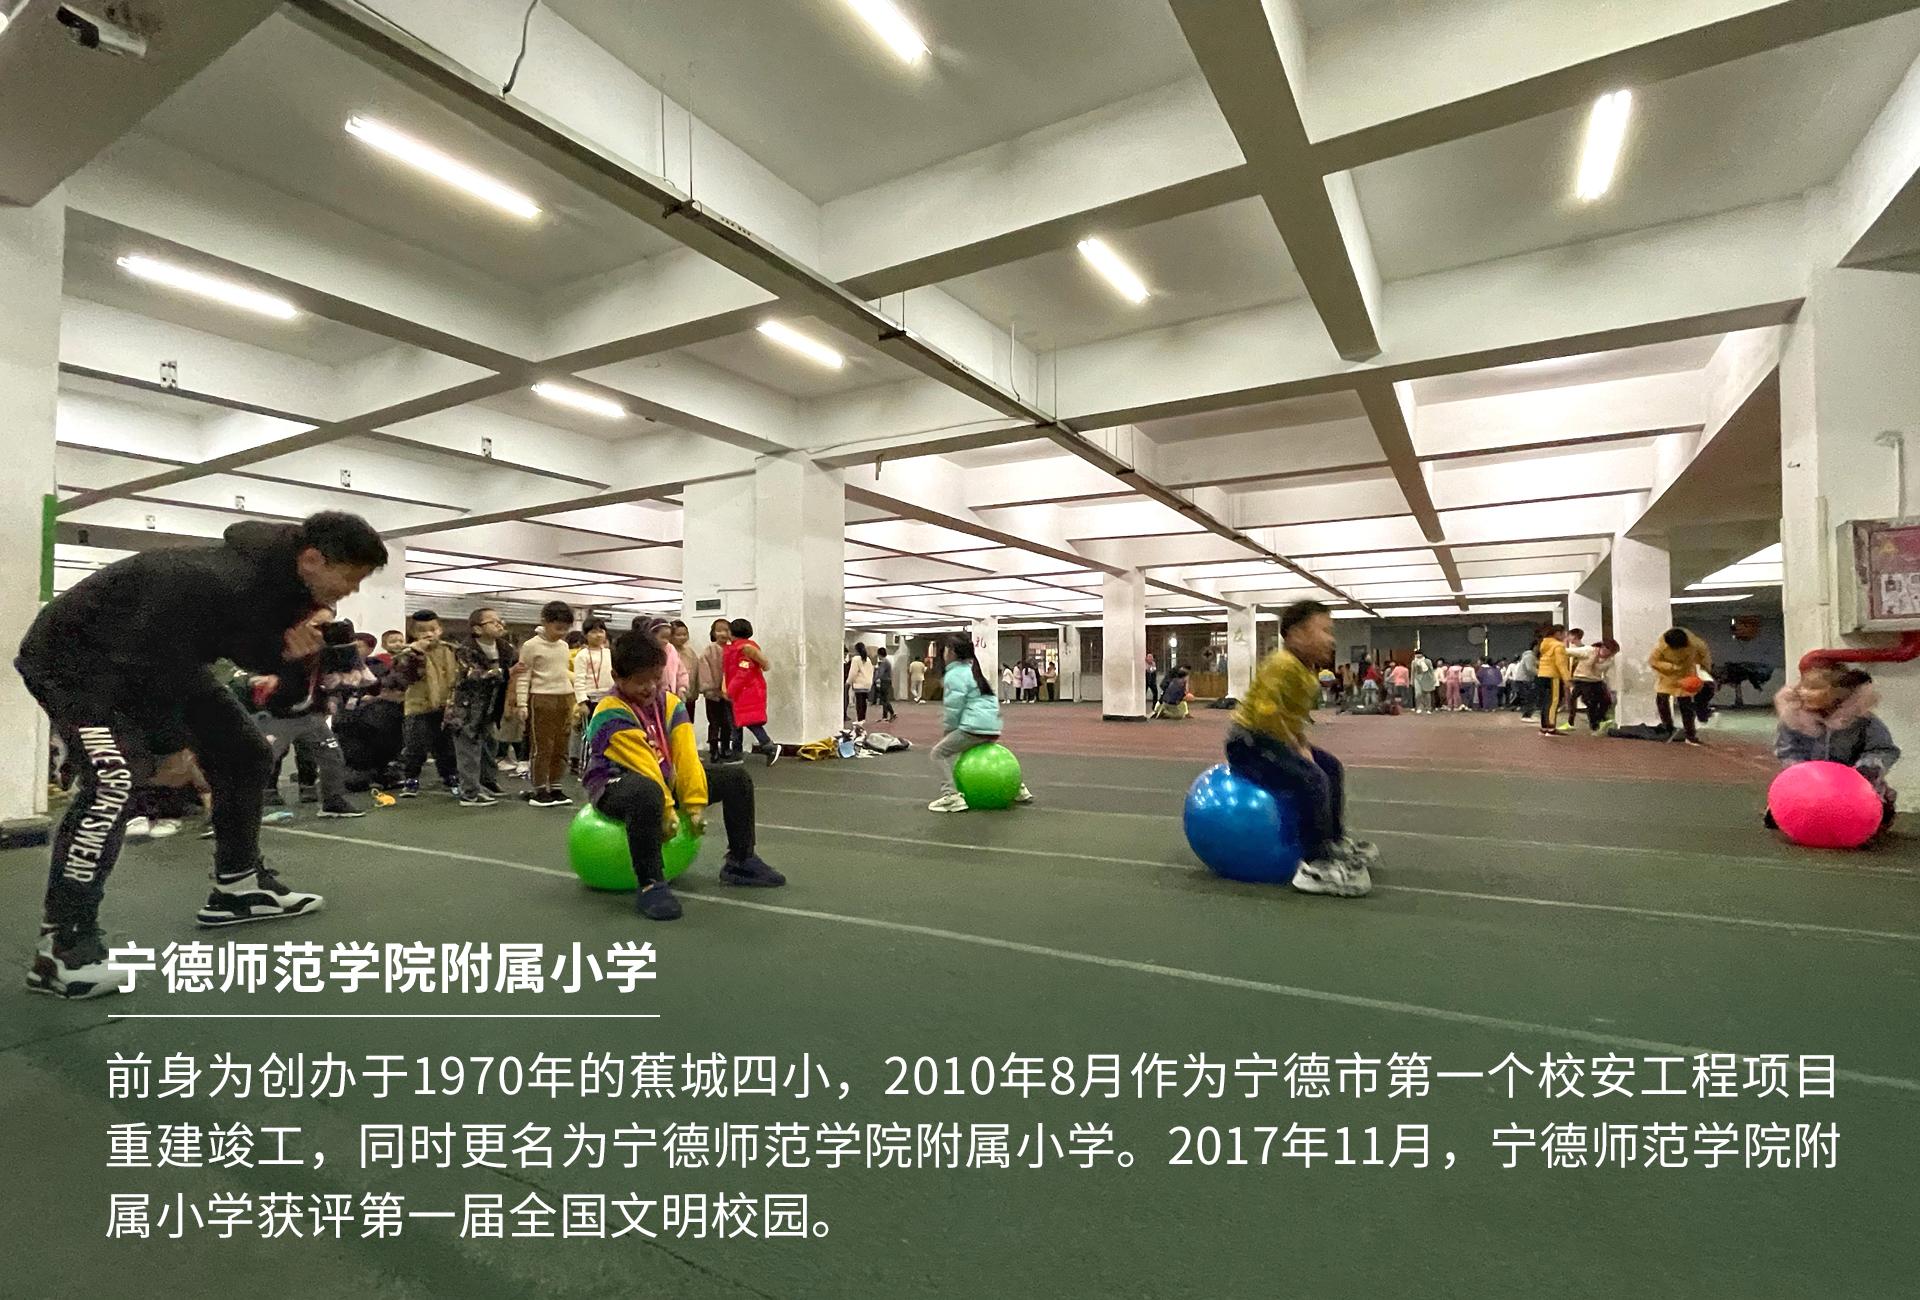 体育校长 阮光清:40年只干一件事体育老师要看得起自己